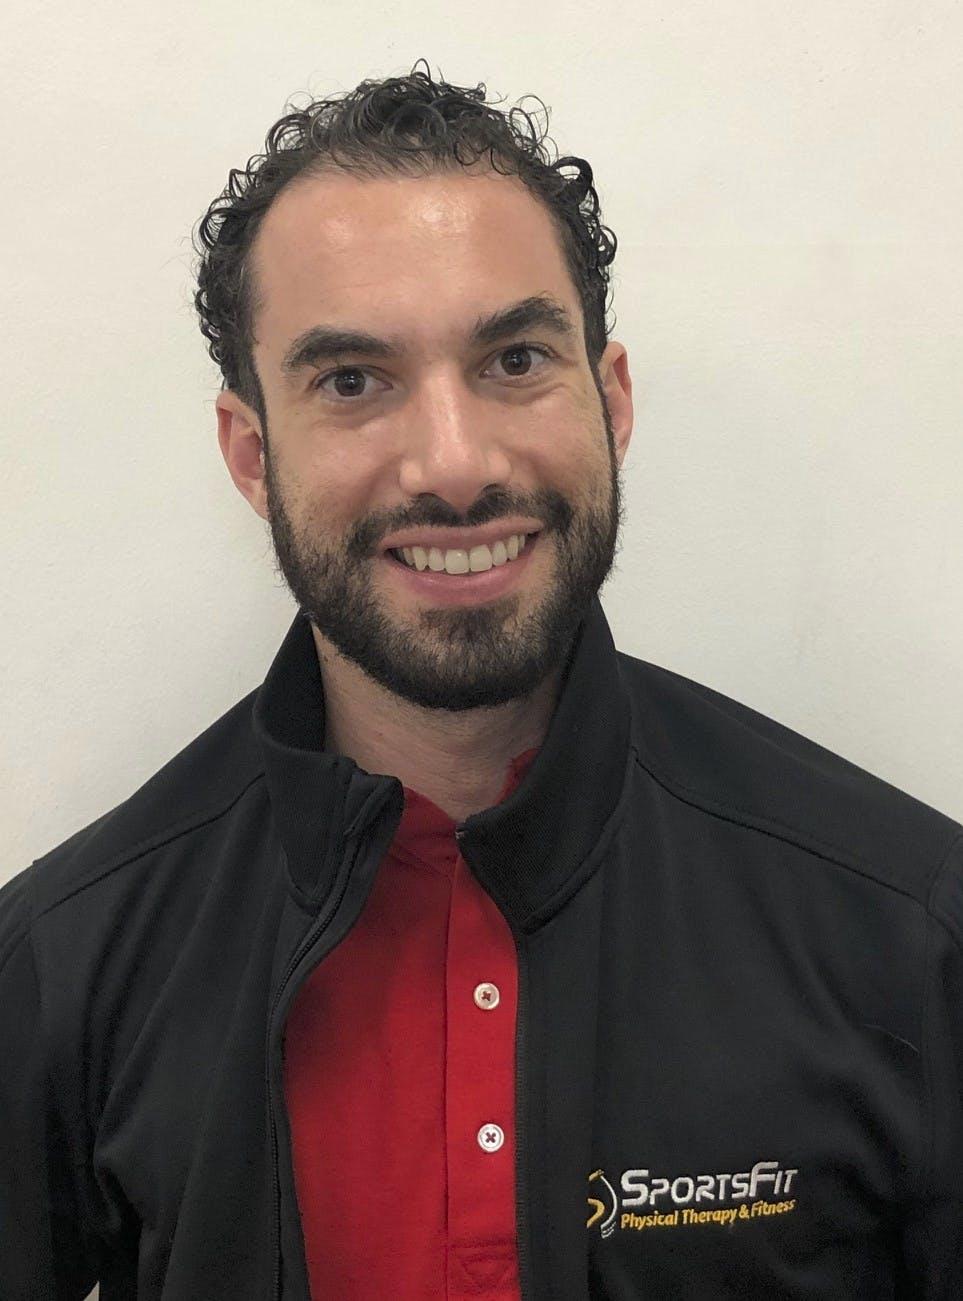 Jonathan Cabral, DPT